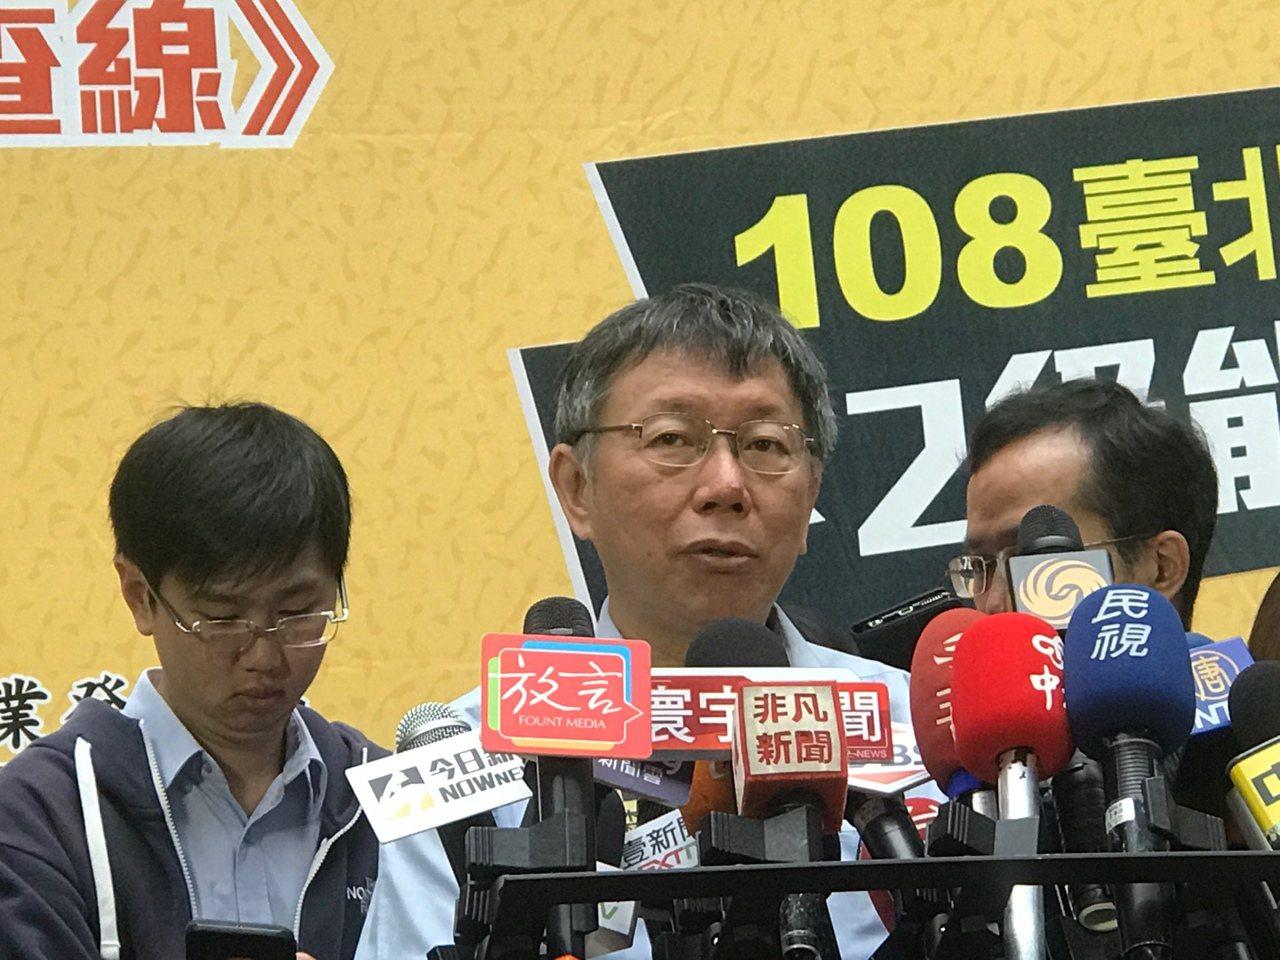 台北市长柯文哲「自杀说」挨轰。记者杨正海/摄影